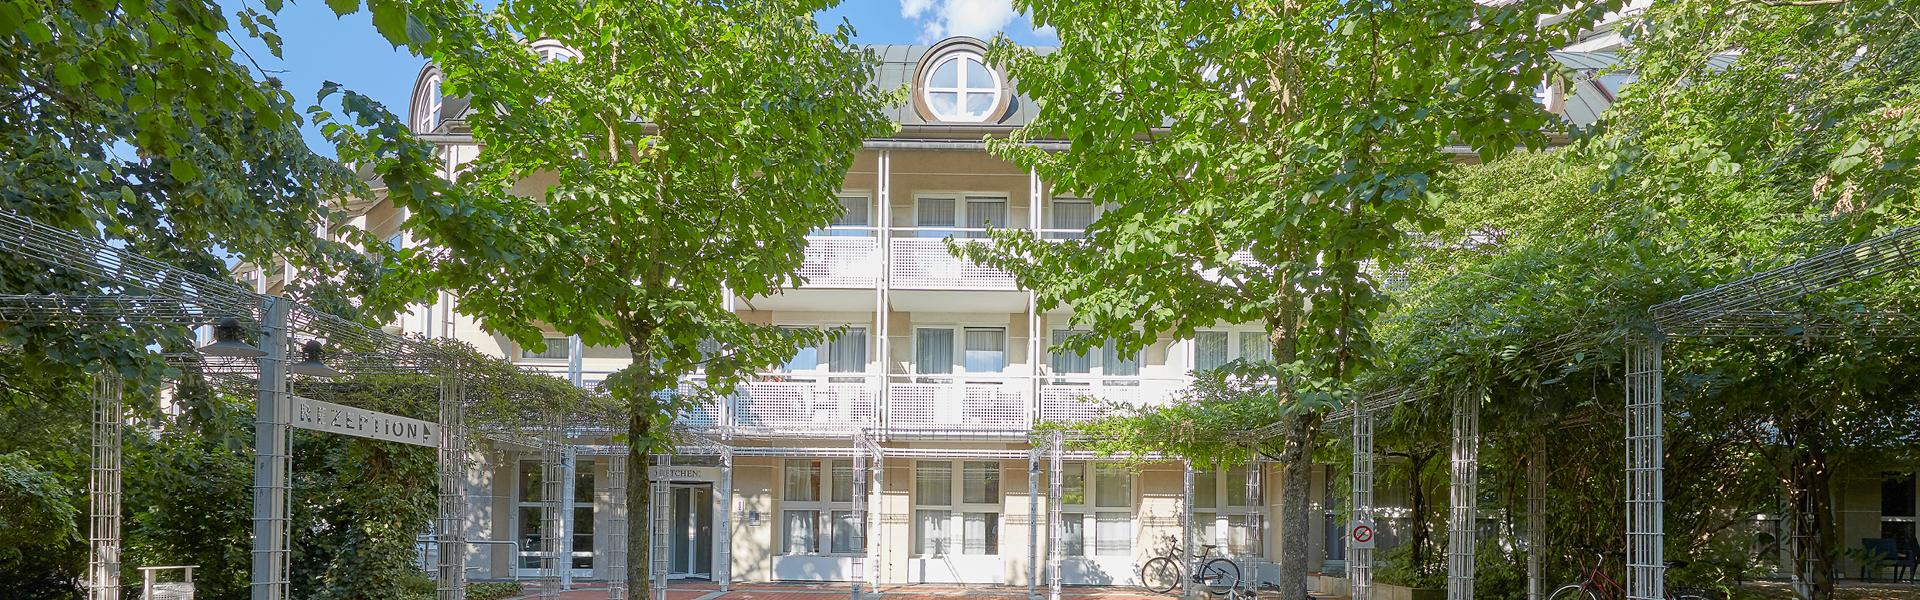 Living Hotel Appartements Johann Wolfgang Frankfurt Außenansicht